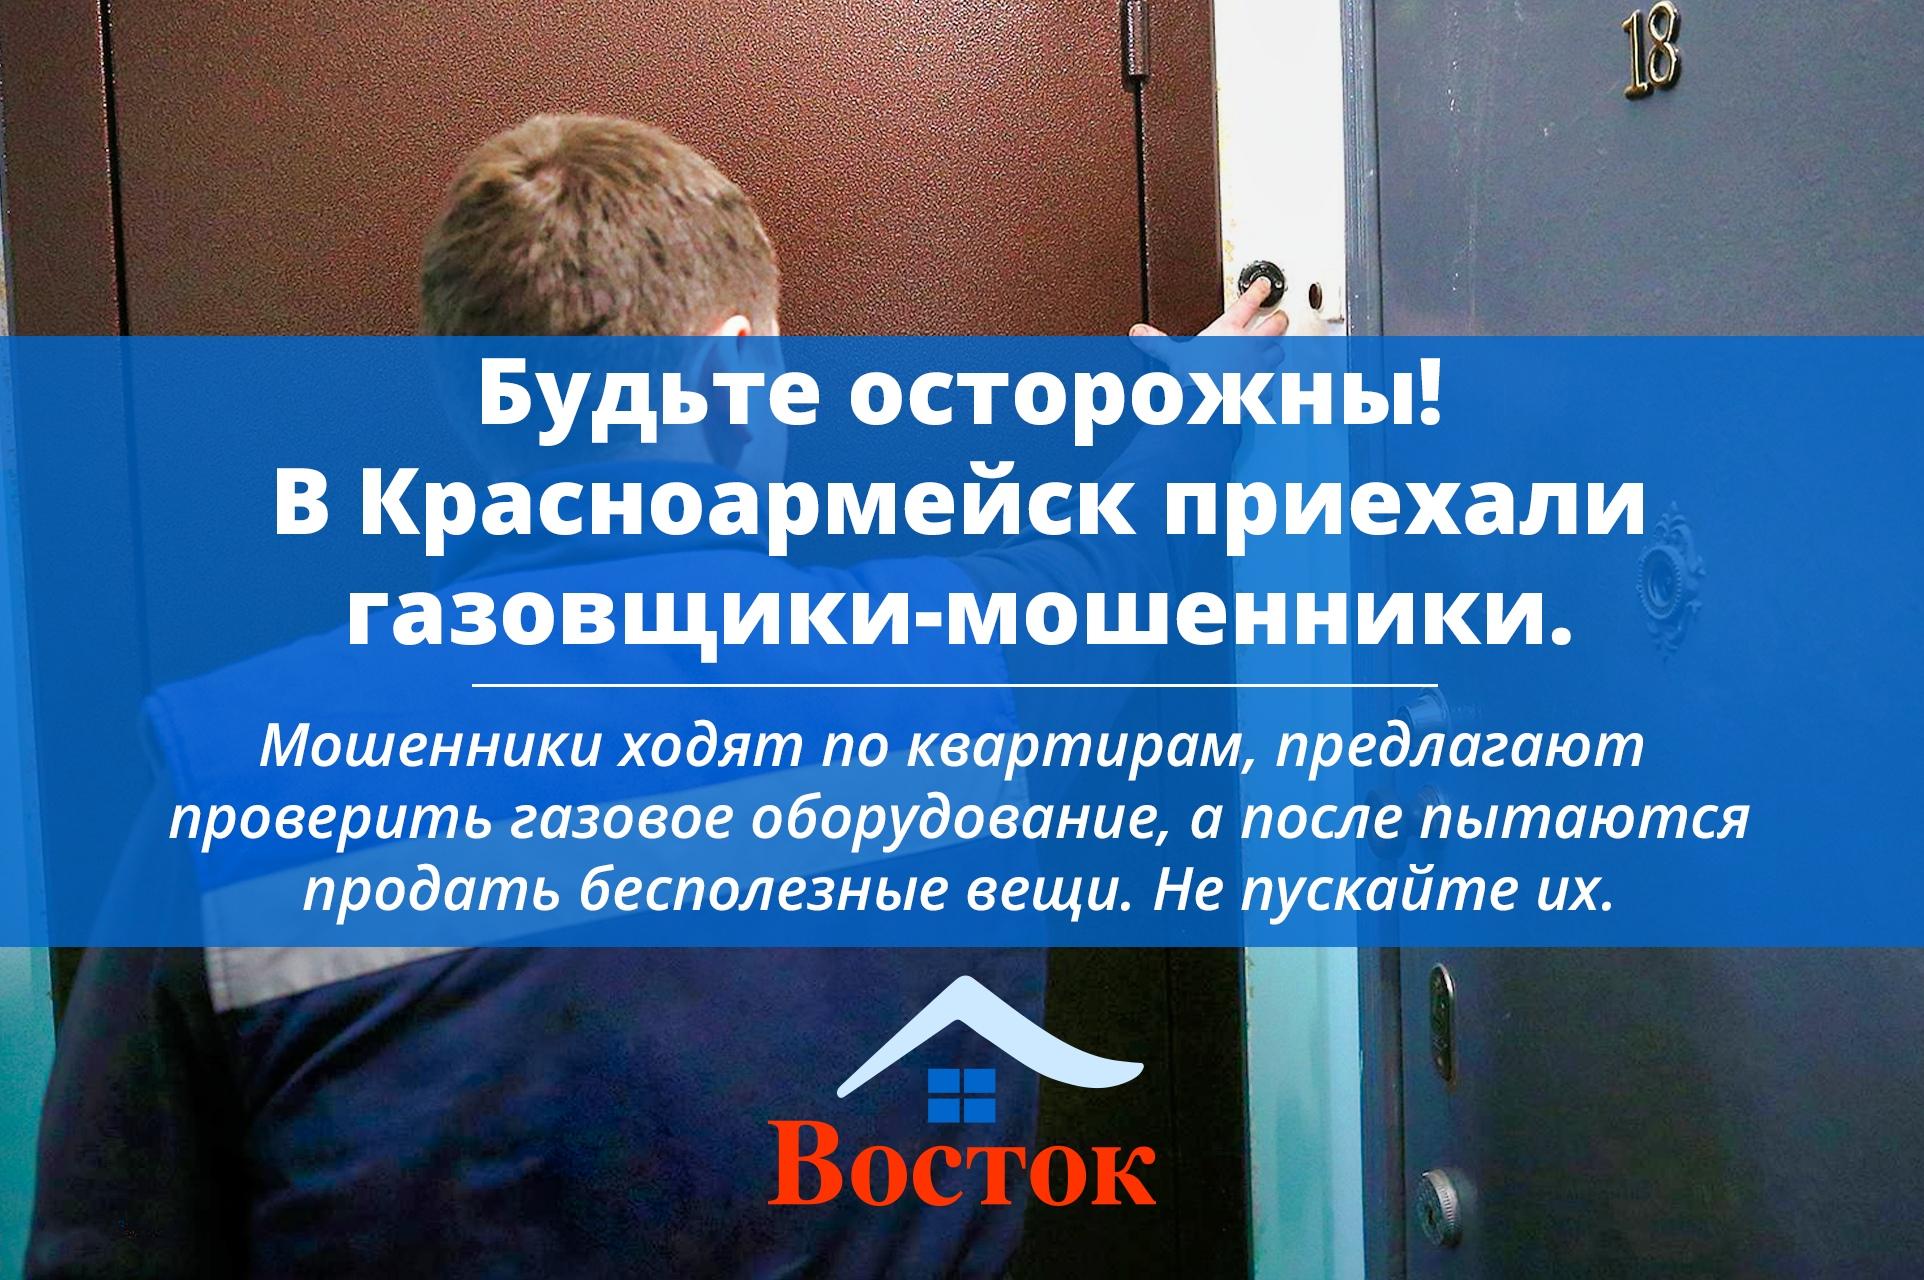 В Красноармейске активизировались мошенники-газовщики. Пожалуйста, будьте осторожны!